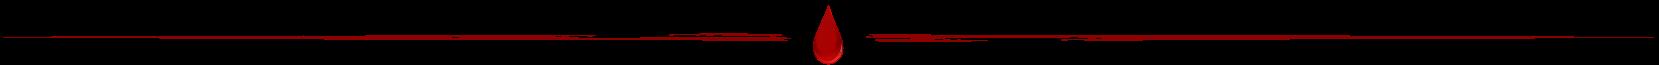 Trennzeichen Bild Bluttropfen